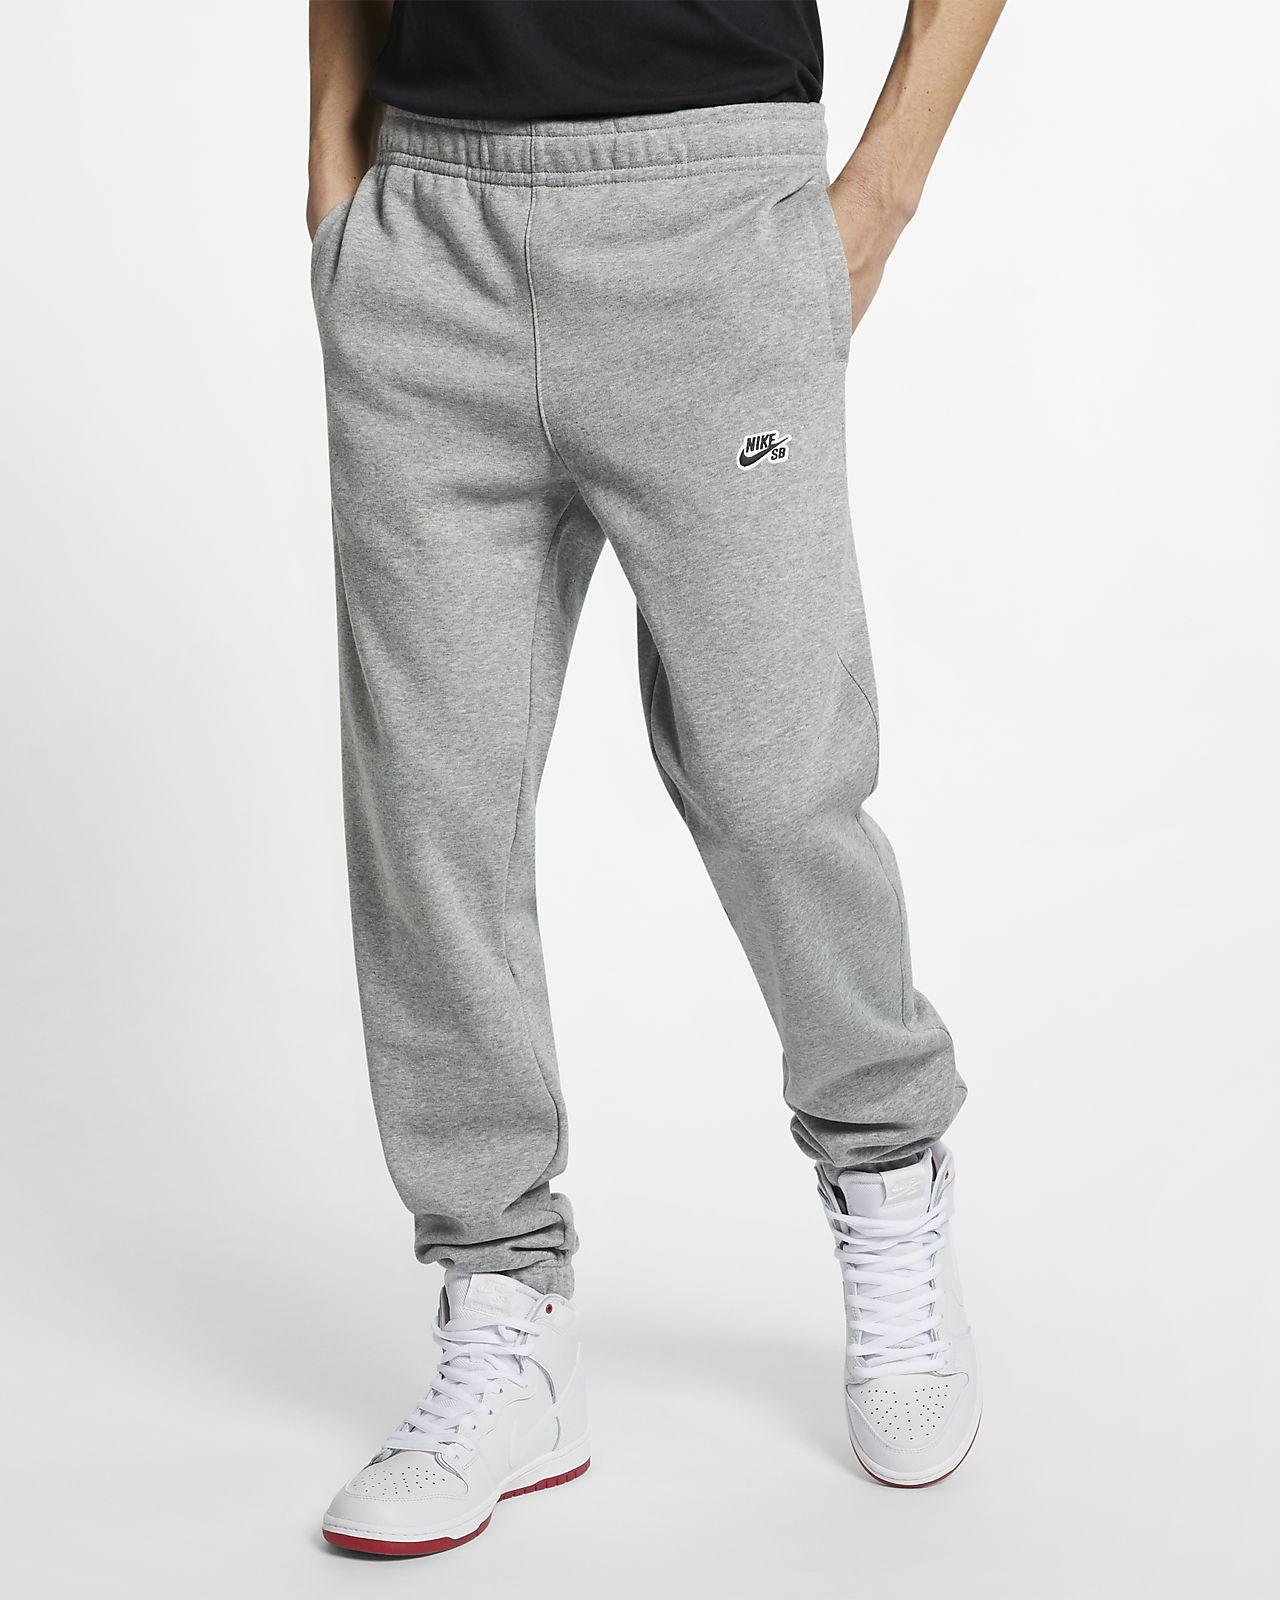 8c0a58e20855 Nike SB Icon Men s Fleece Skate Pants. Nike.com